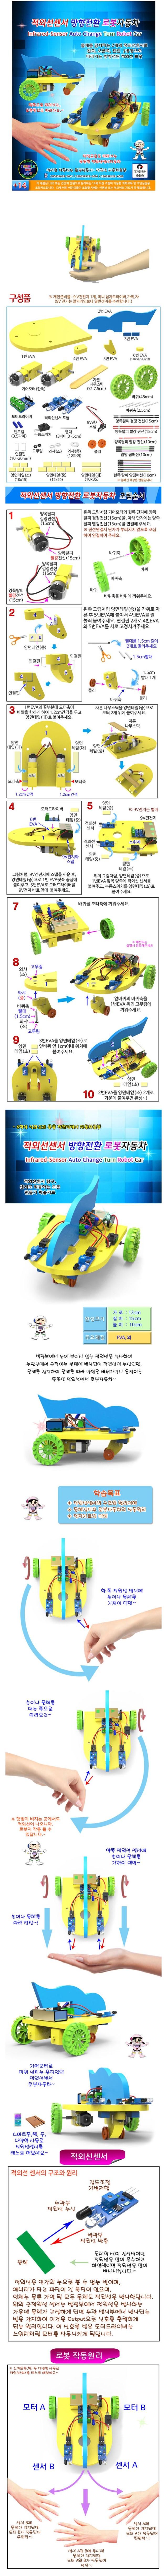 적외선센서 방향전환 로봇자동차.JPG